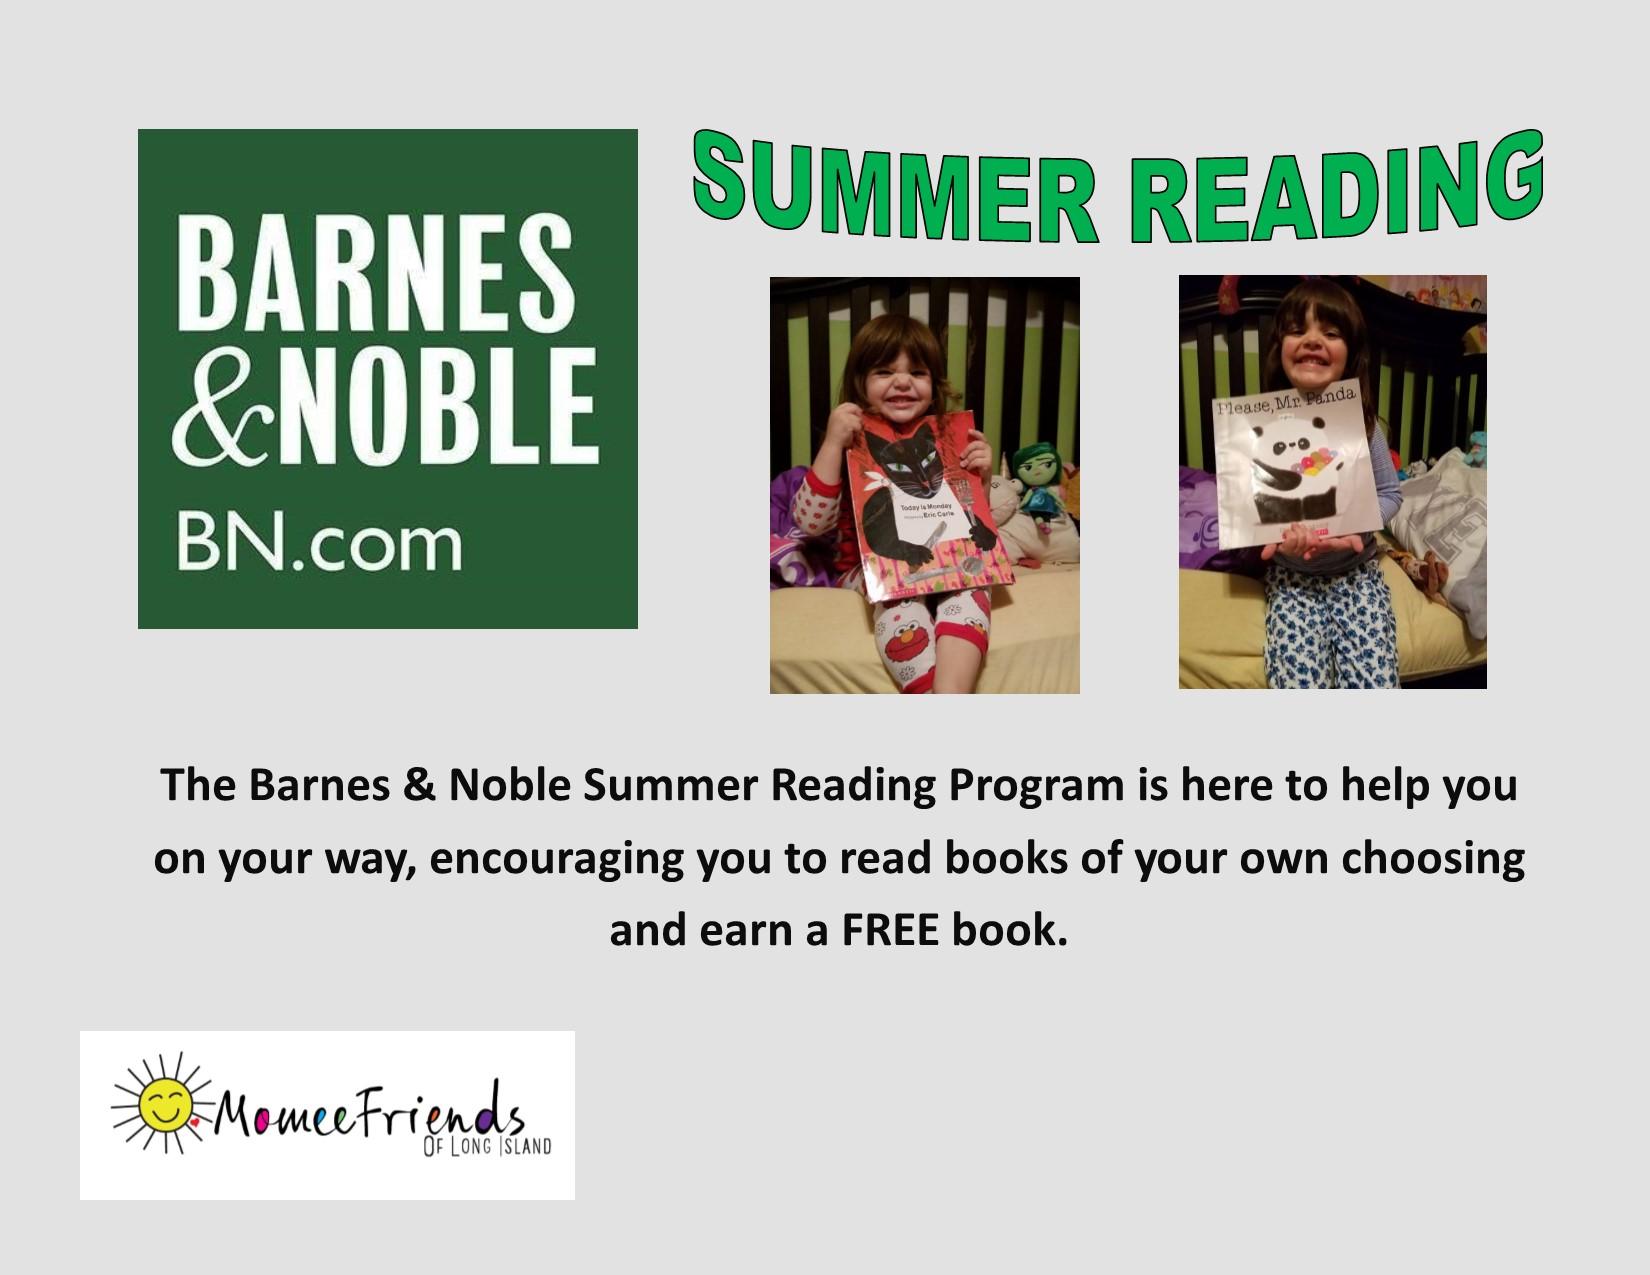 The Barnes & Noble Summer Reading Program